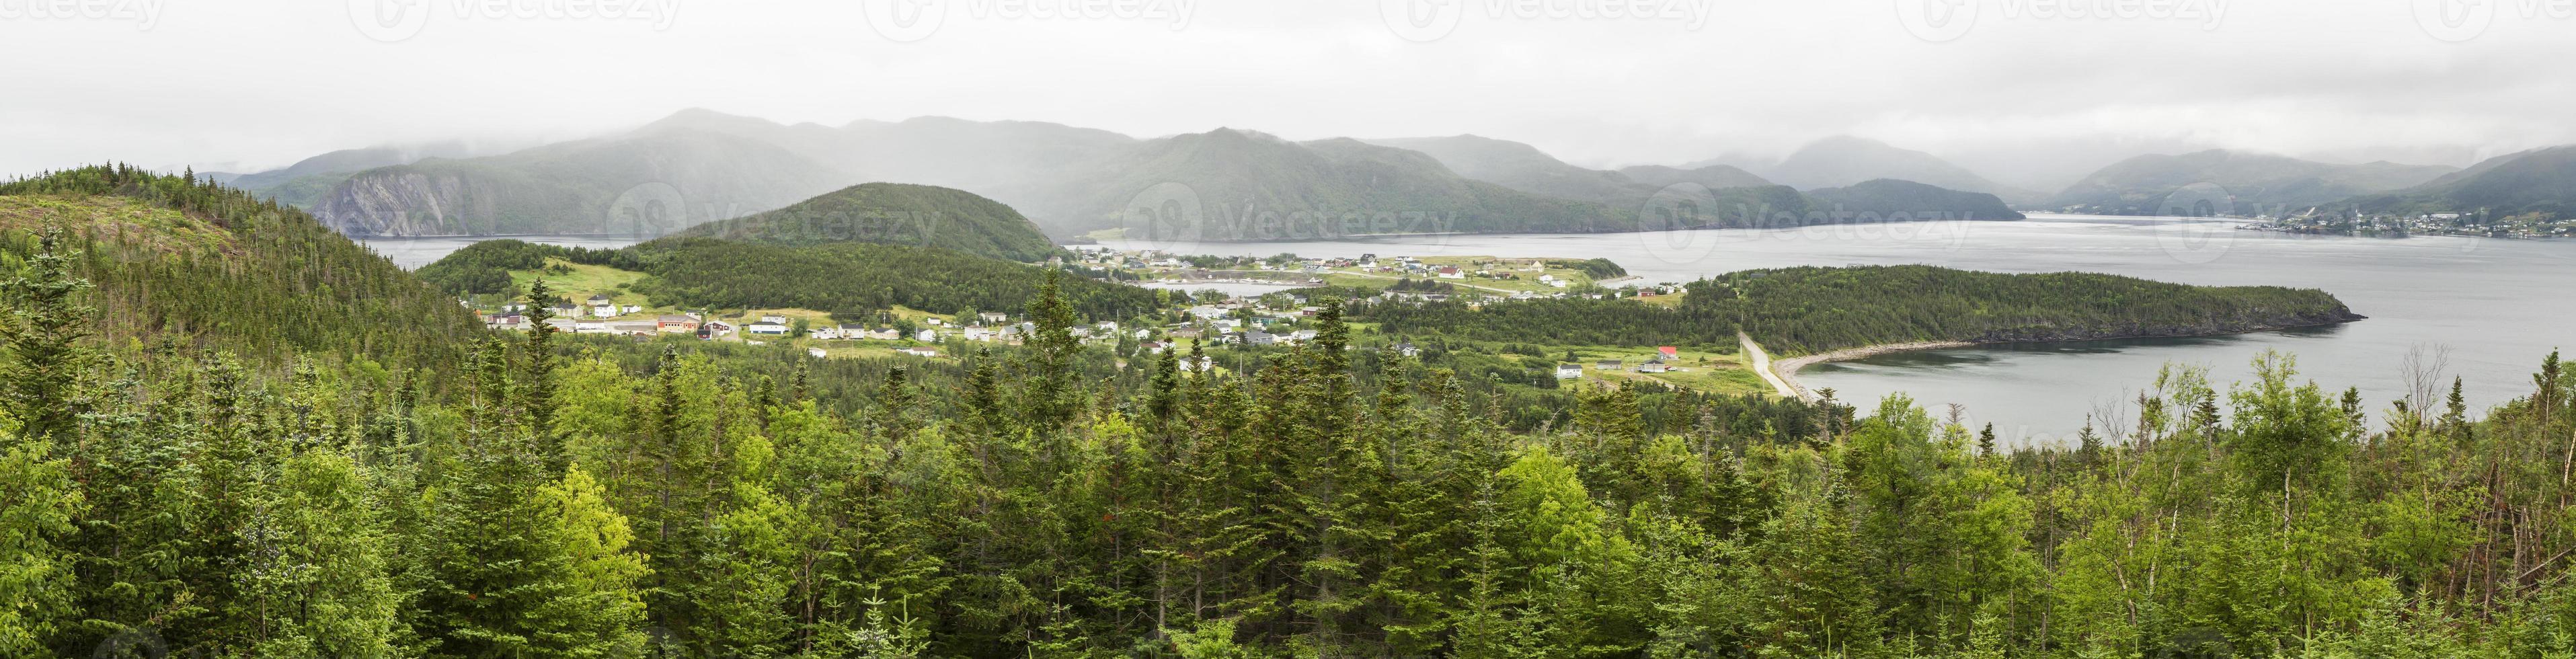 Bonne Bay e Norris Point Panorama foto